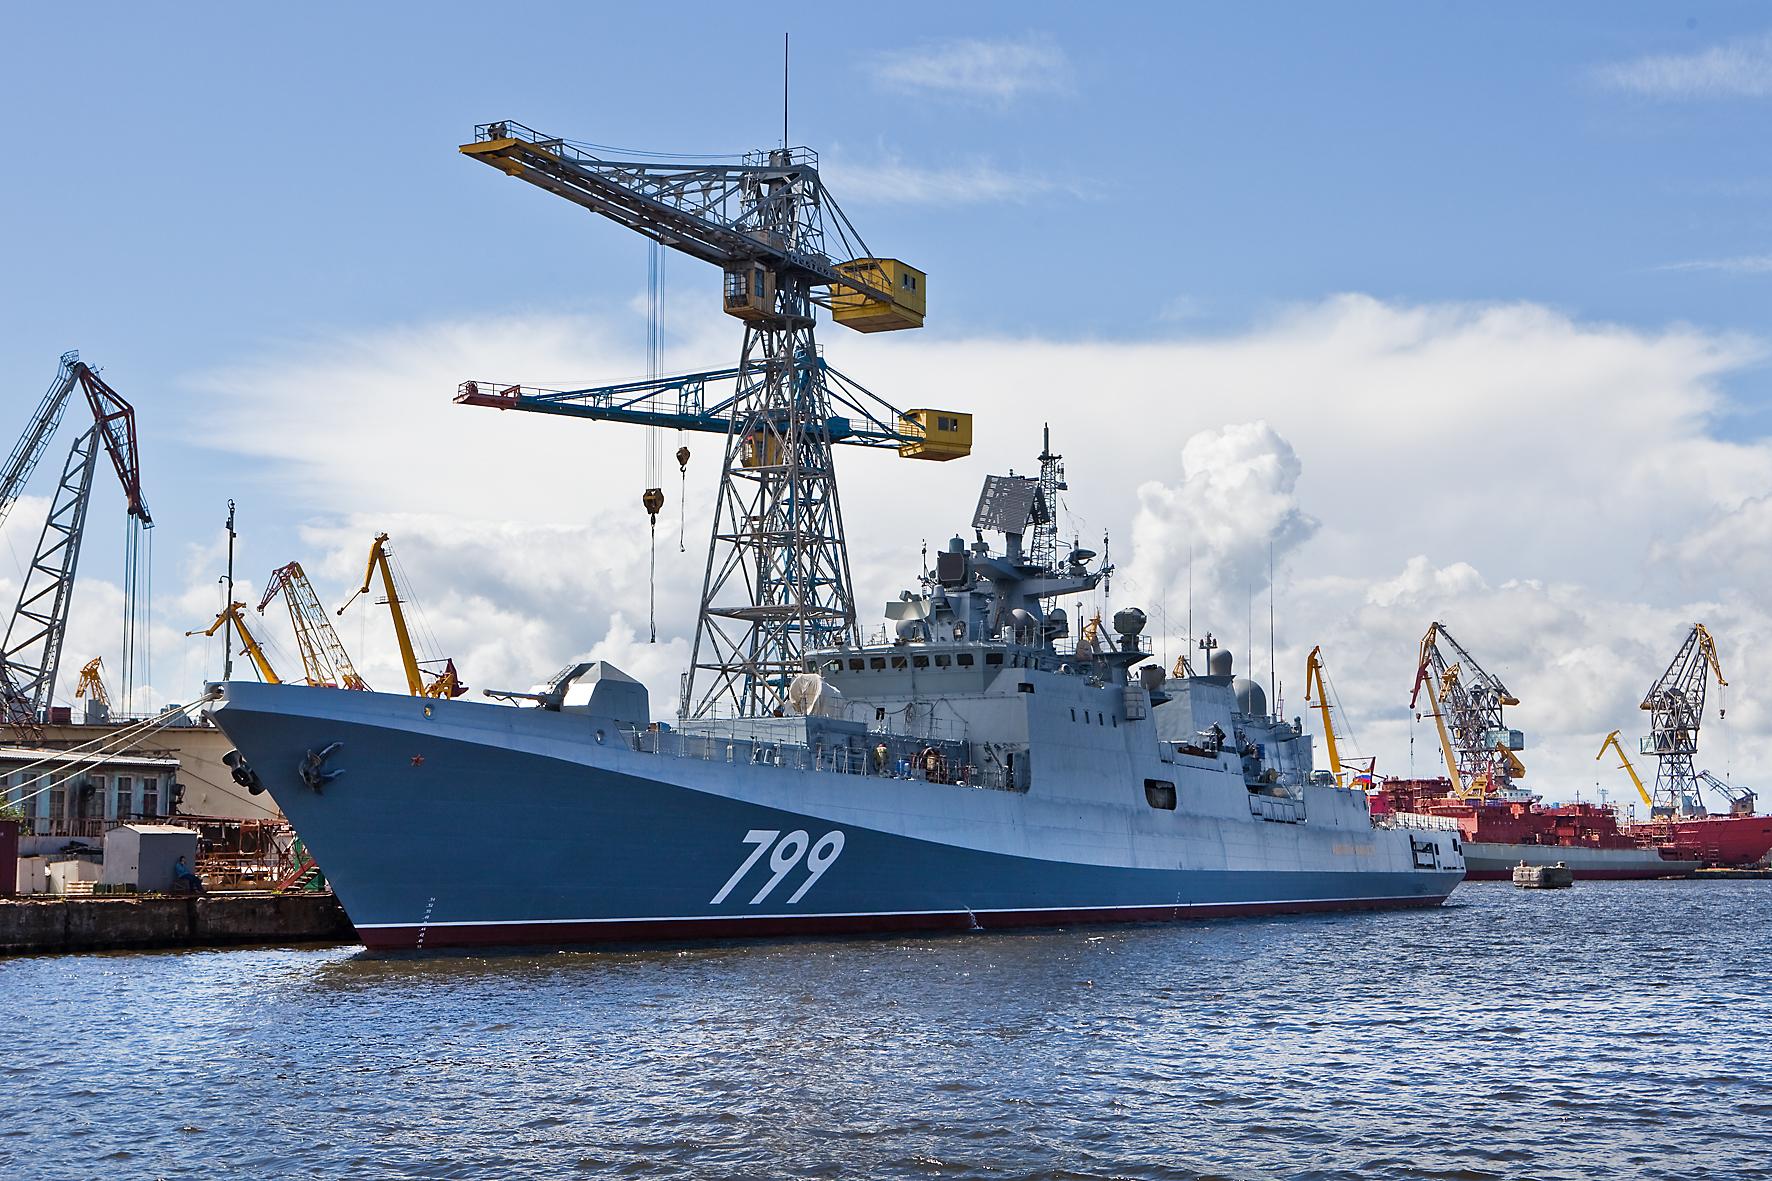 Адмирал-Макаров